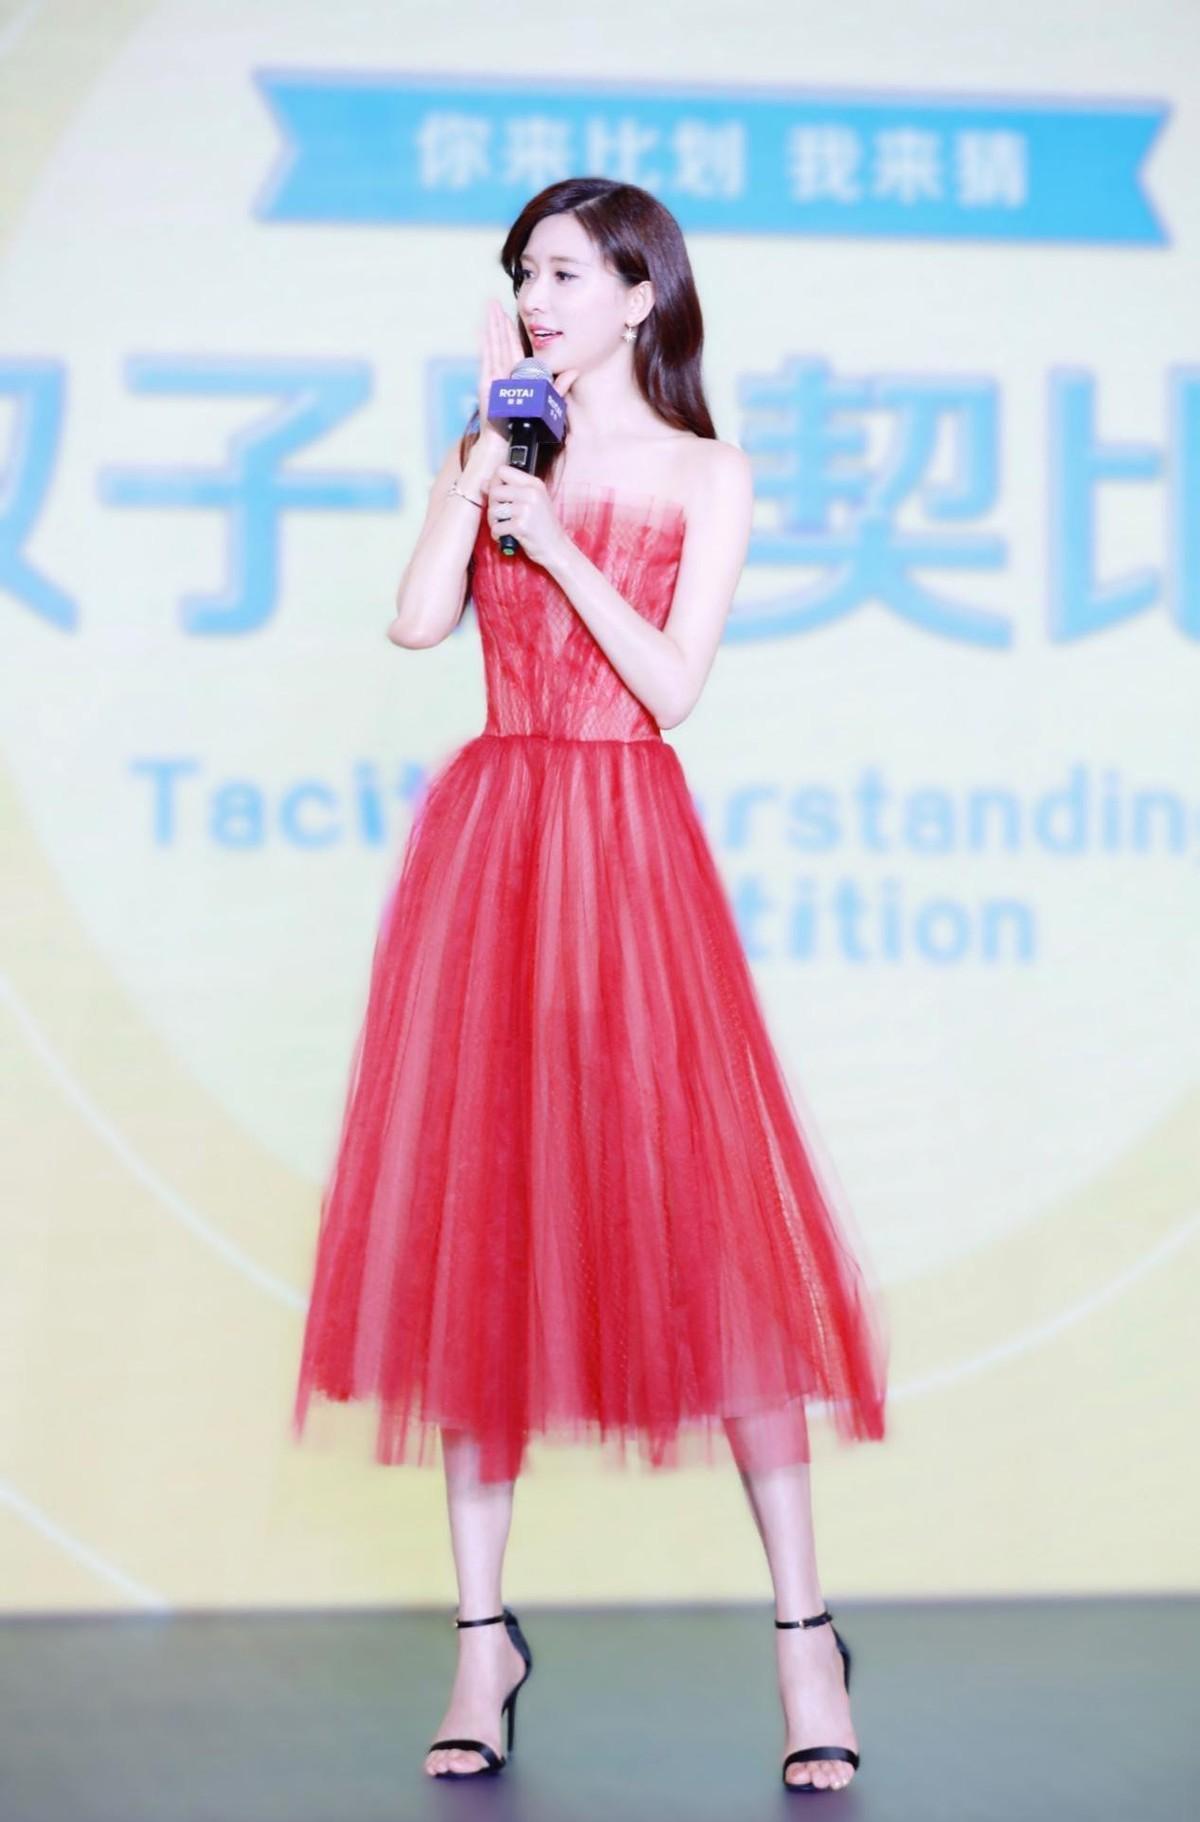 林志玲这样的女人难怪能成功,70后的年纪小姑娘的脸,真让人羡慕